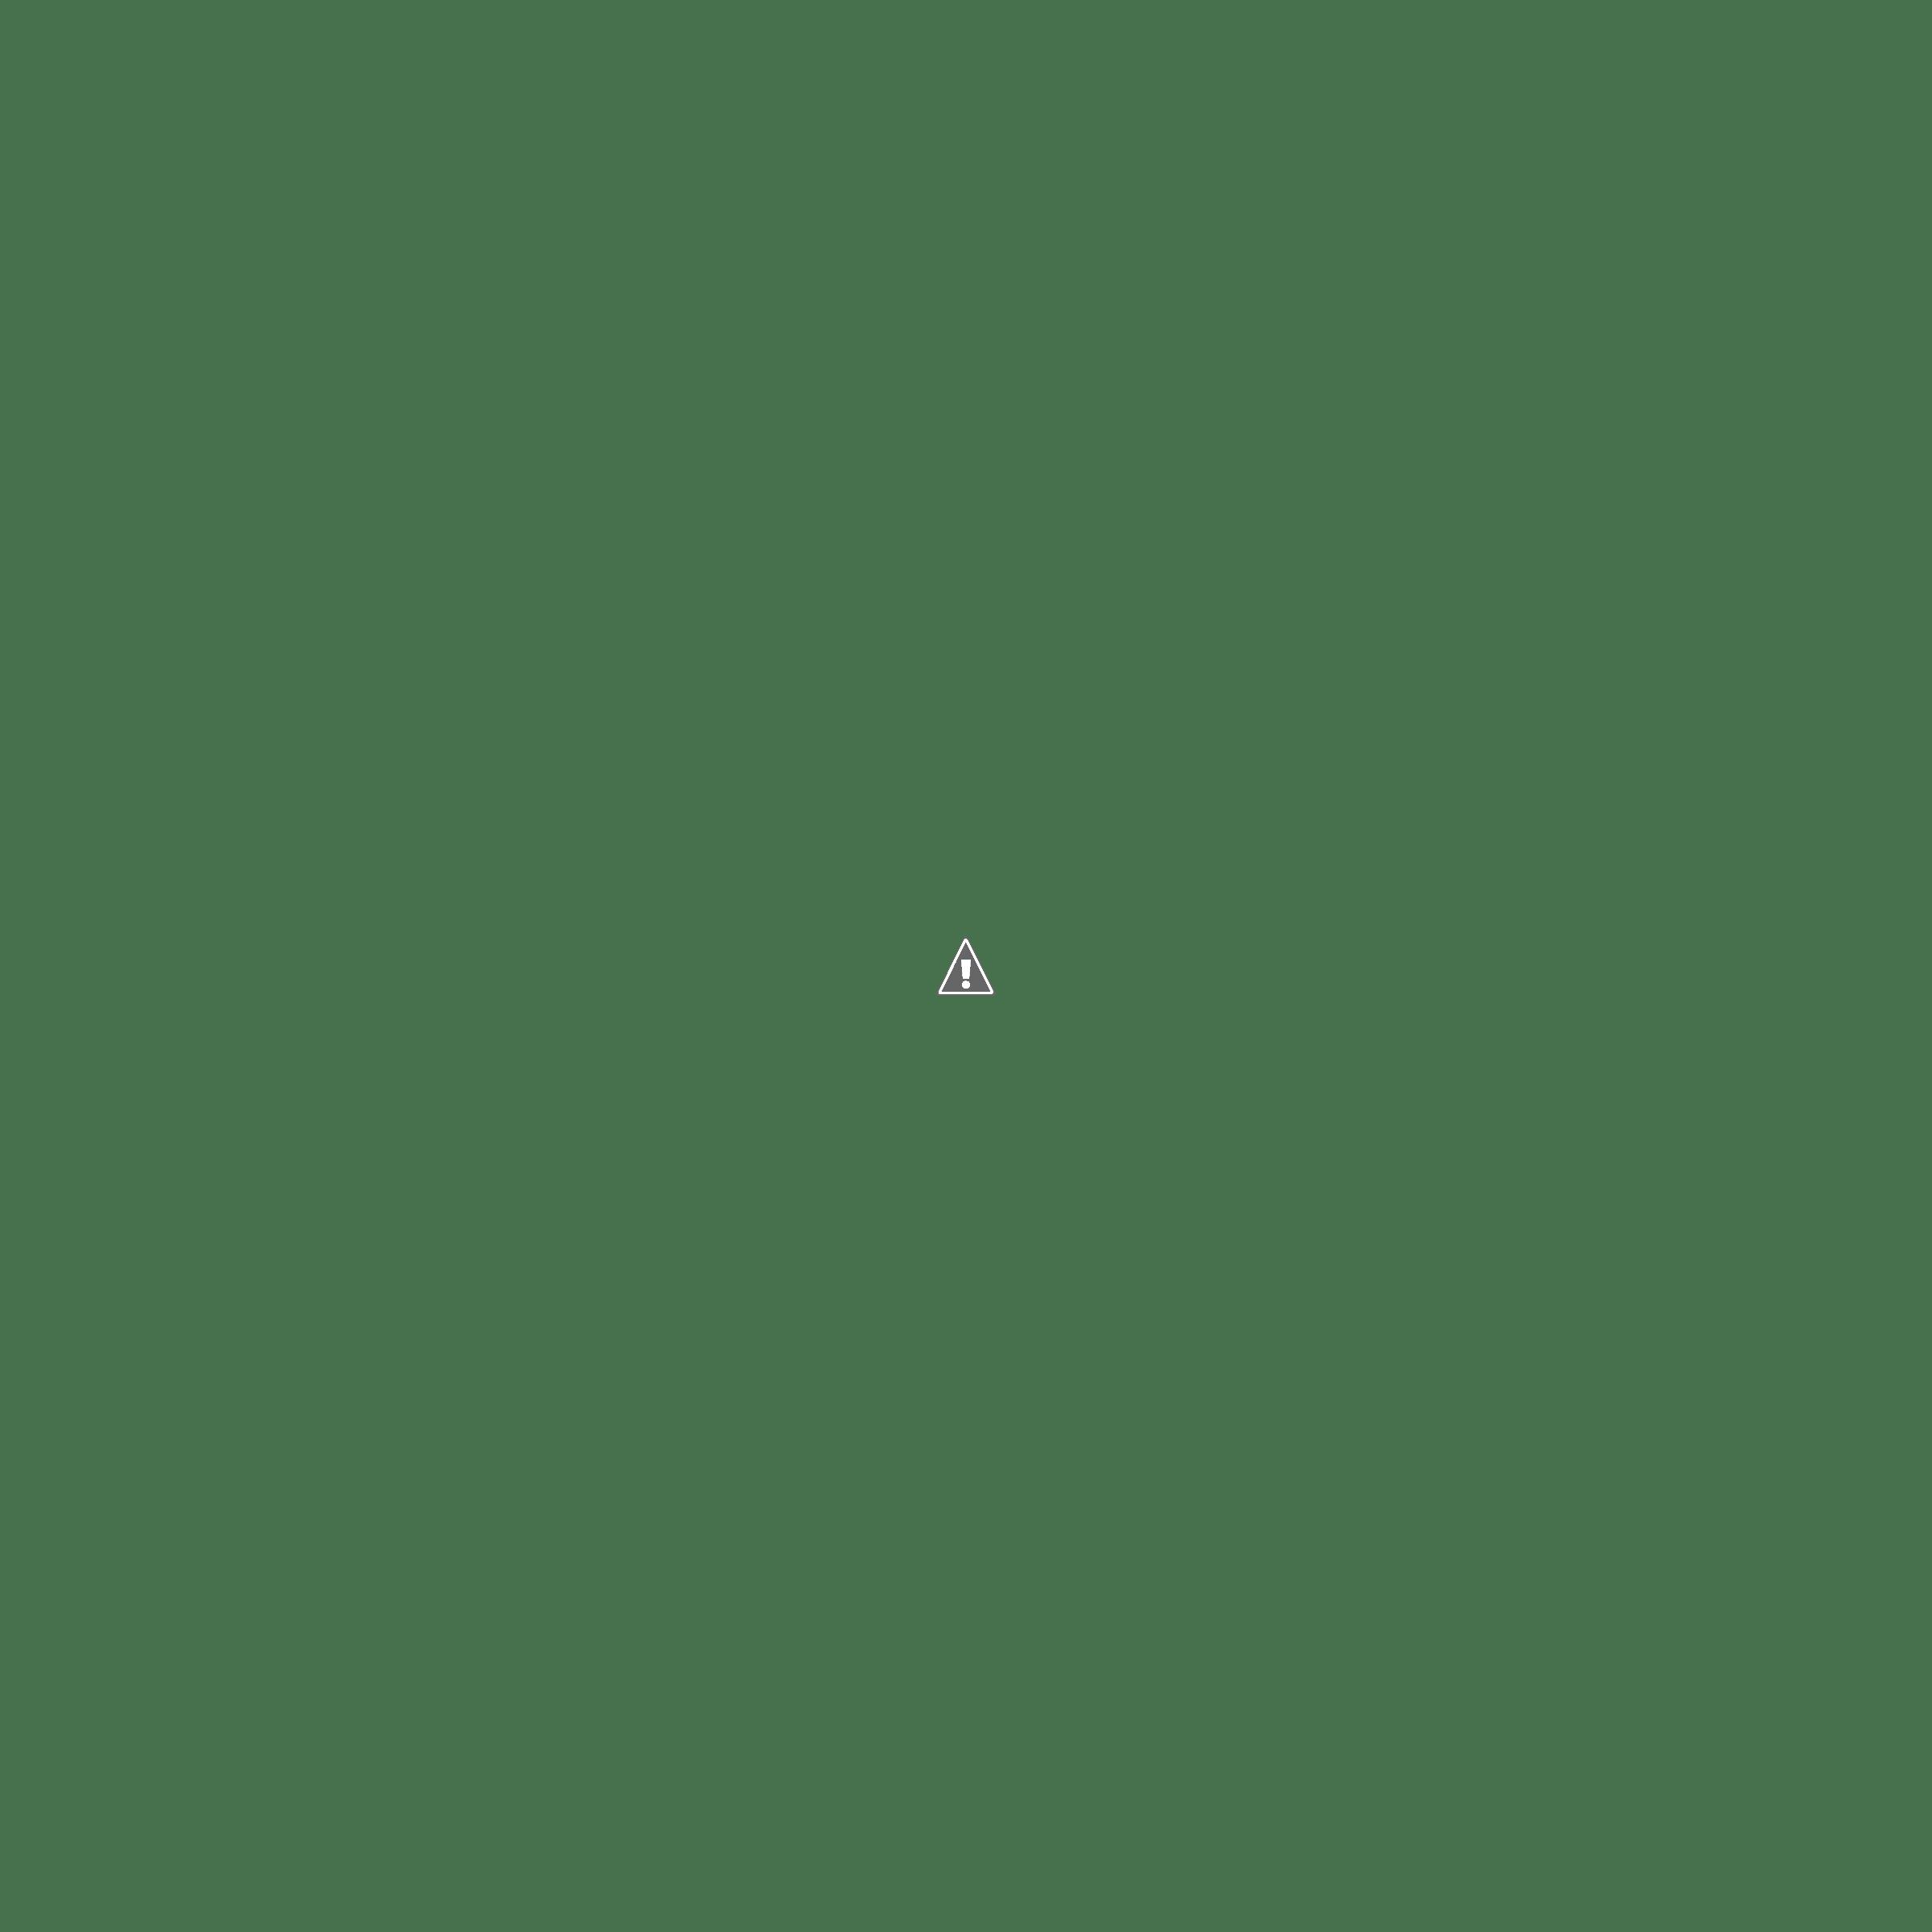 """Artista independente, Nissu lança clipe gravado na Irlanda para """"Forever Mine"""""""